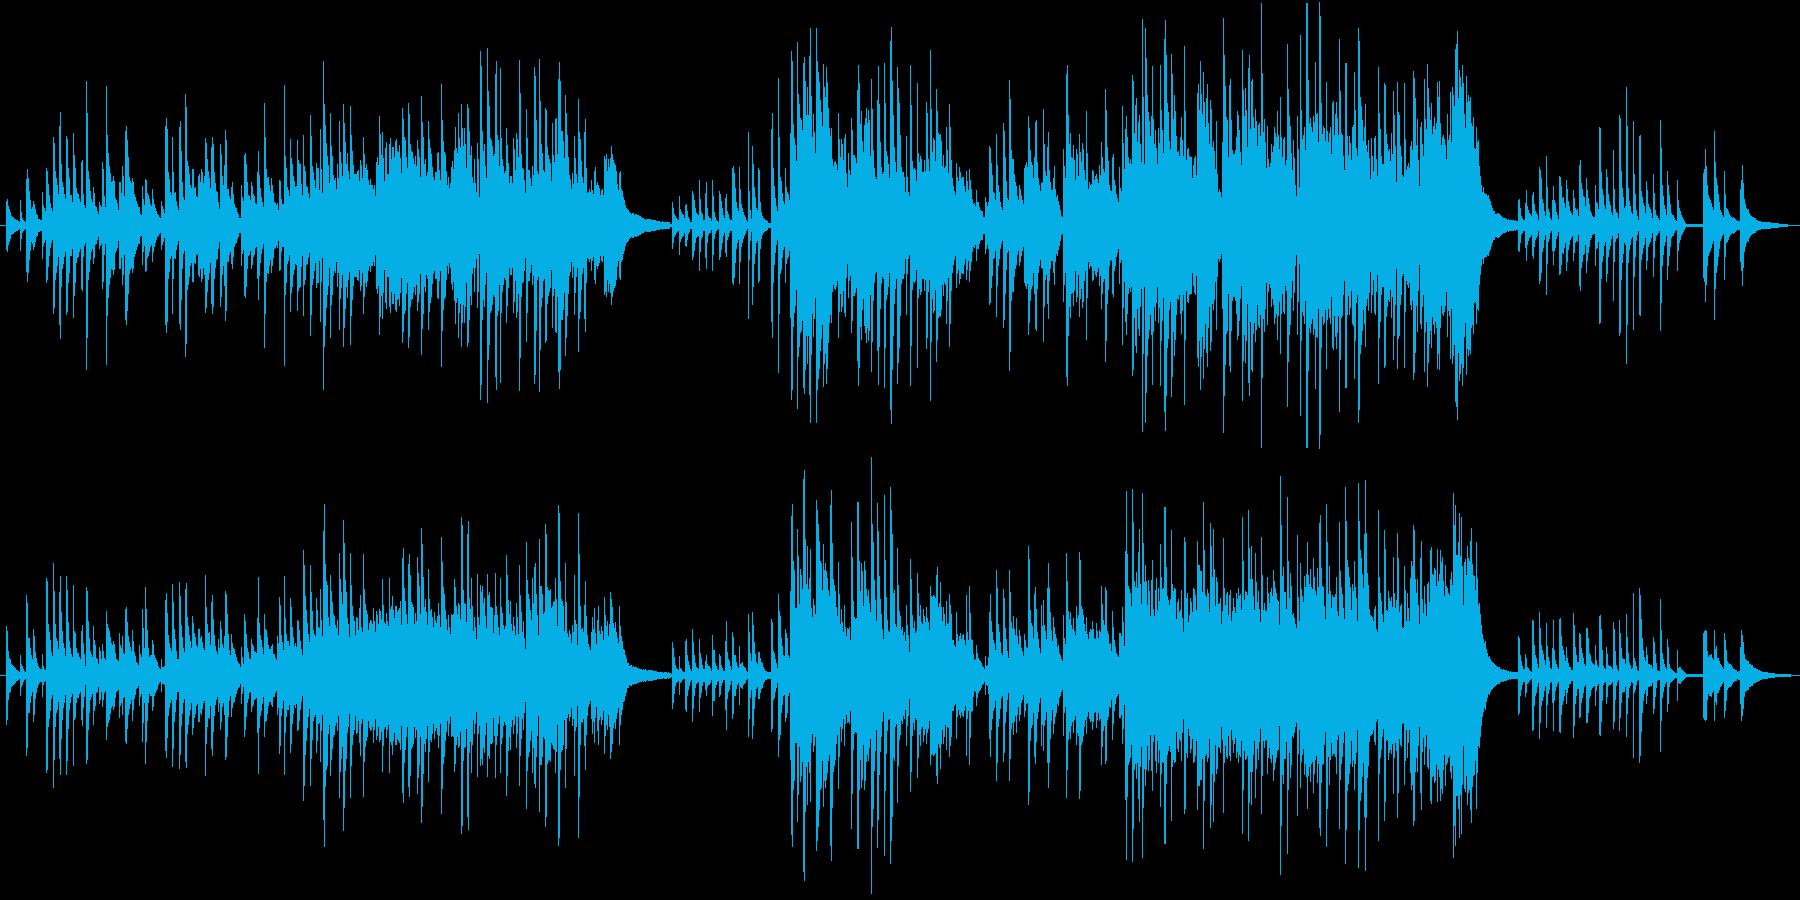 切なくも美しいピアノアレンジの再生済みの波形